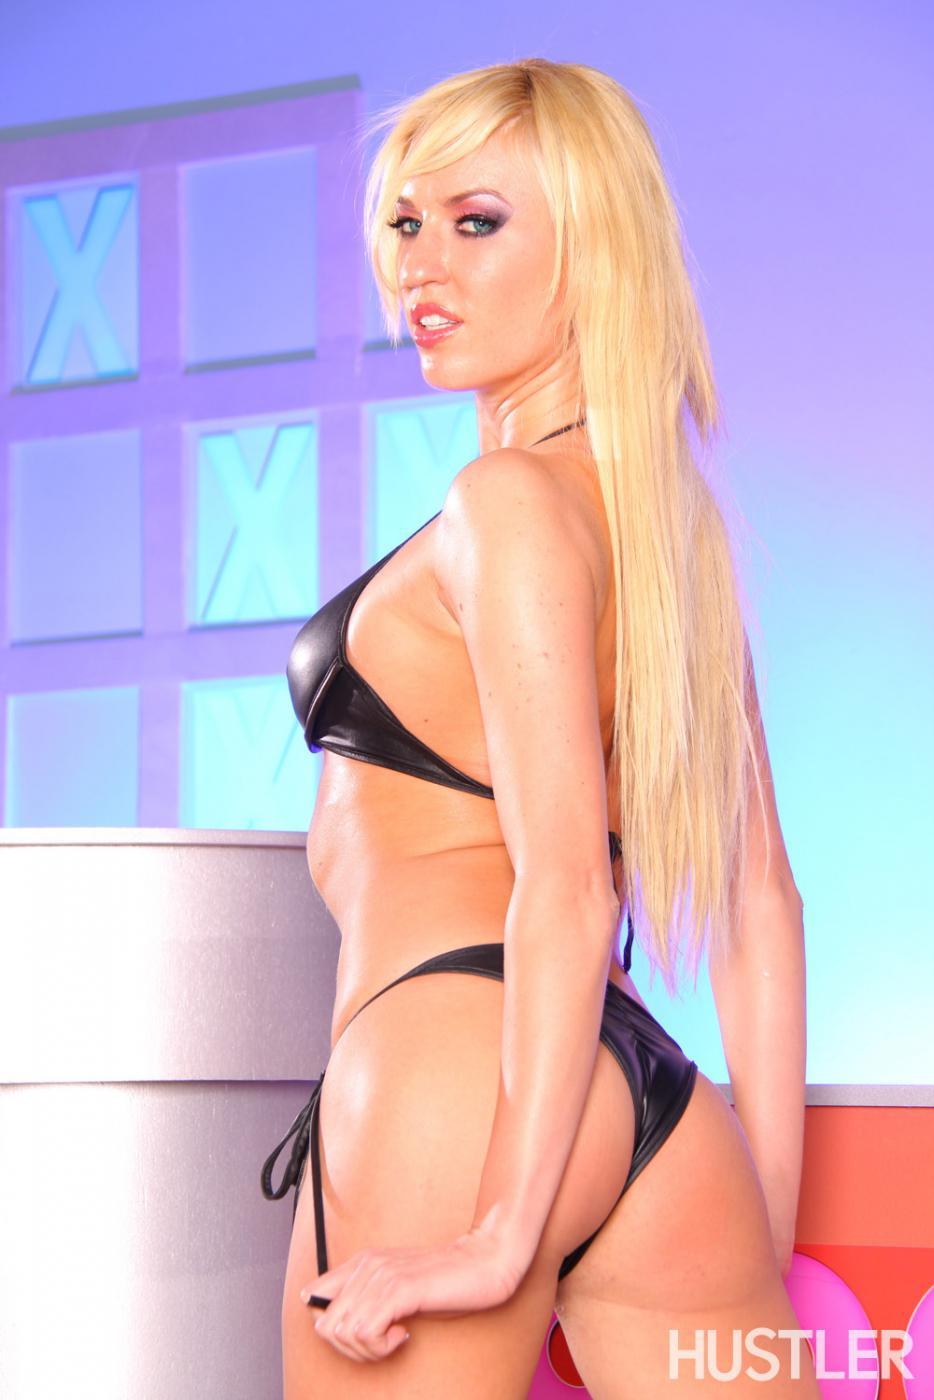 Высокая блондинка Victoria White с бритой киской позирует в высоких сапогах и бикини из латекса